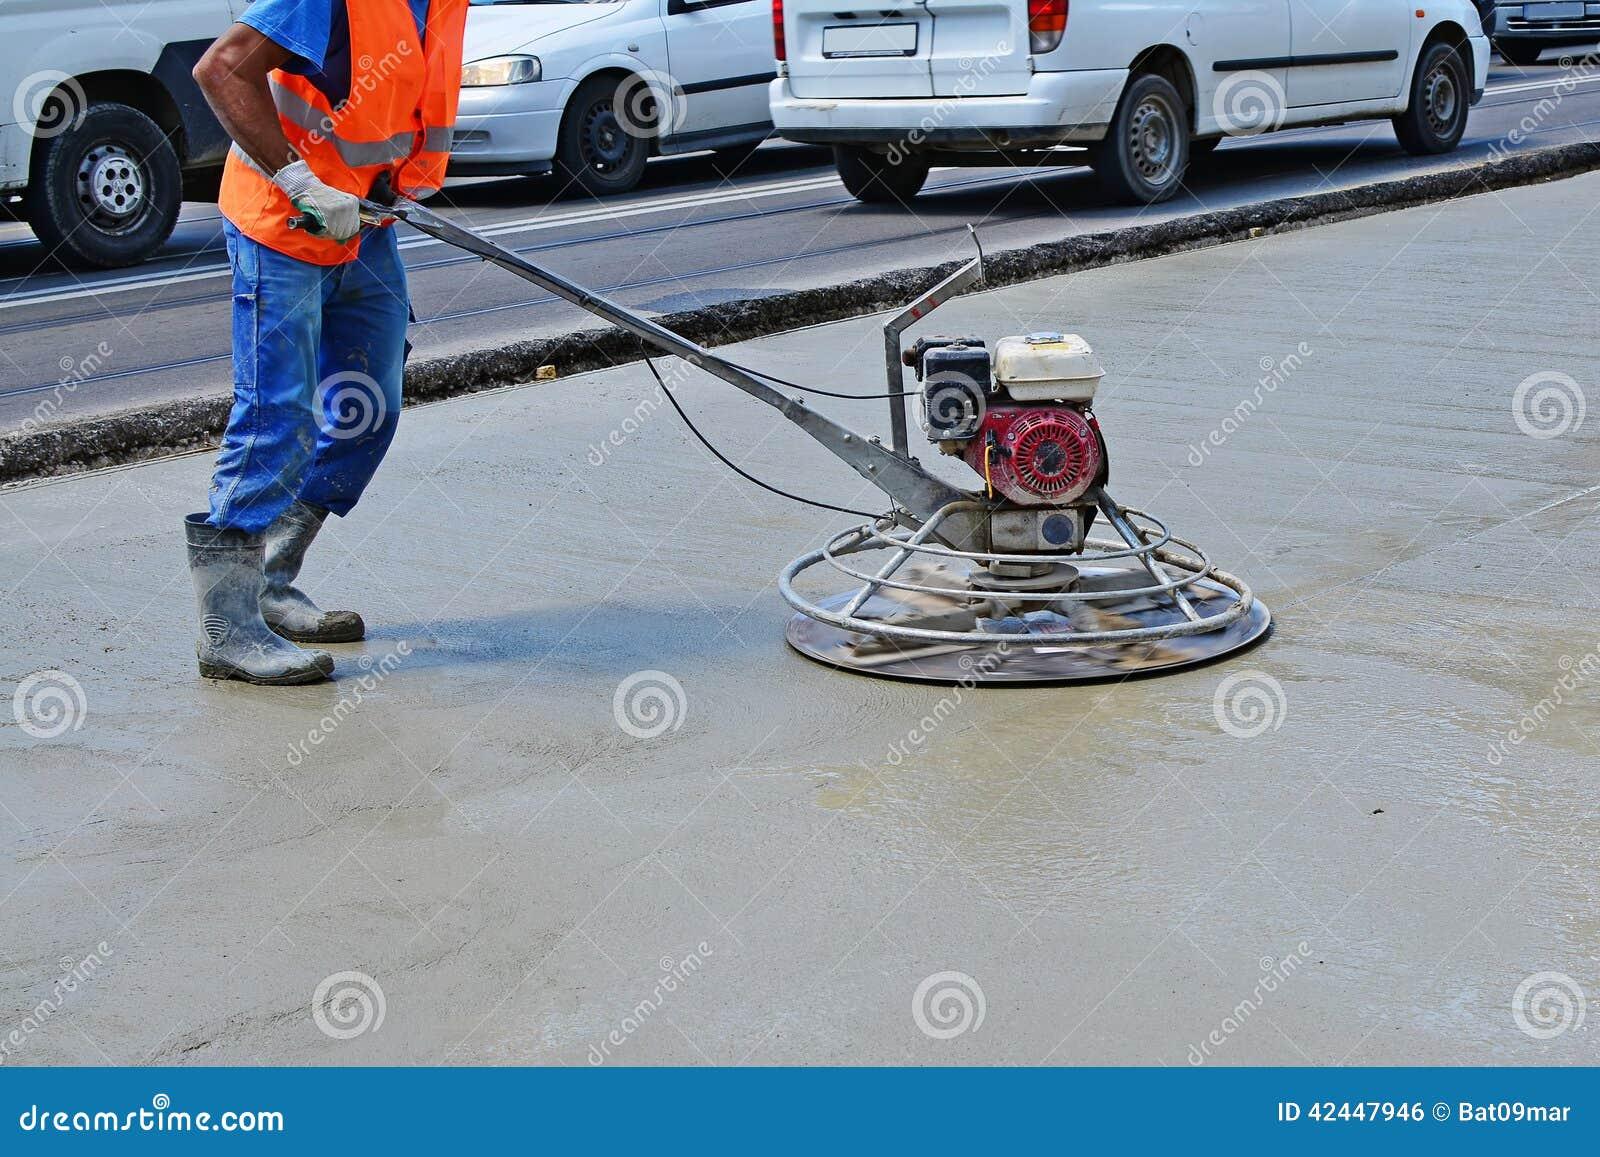 Helicopter Concrete Finishing Stock Photo - Image: 42447946